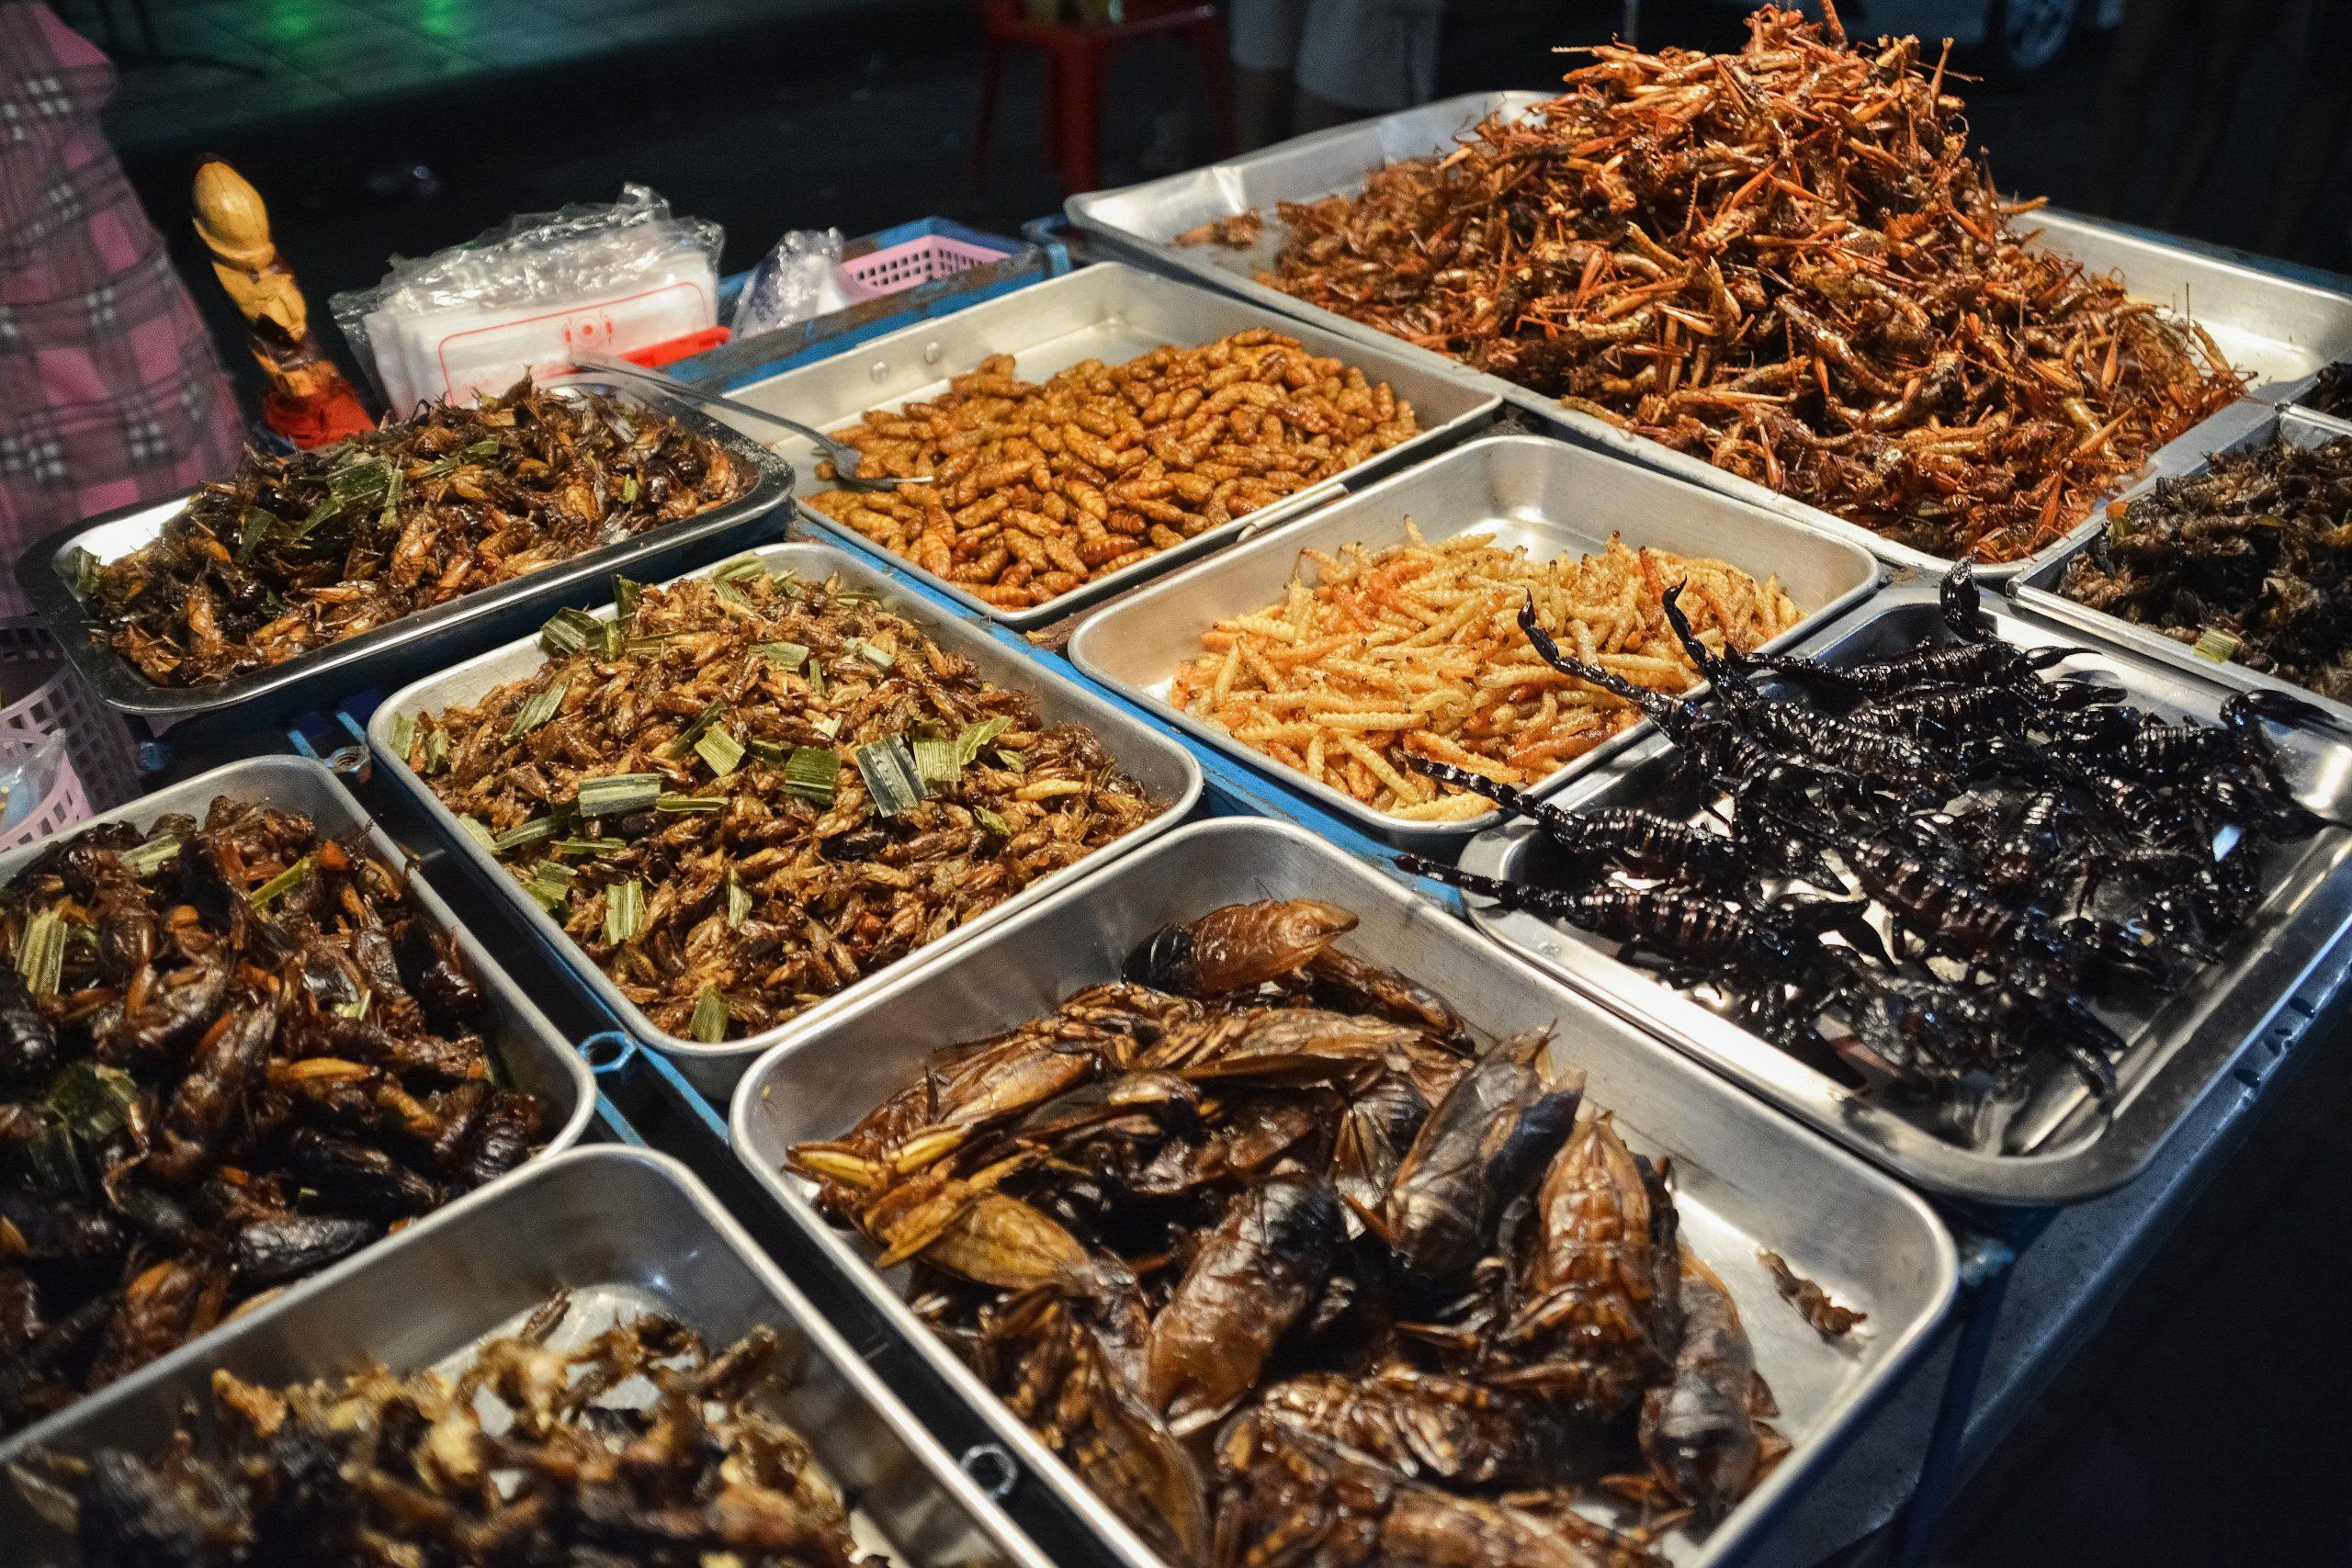 Mangiare insetti parte 1